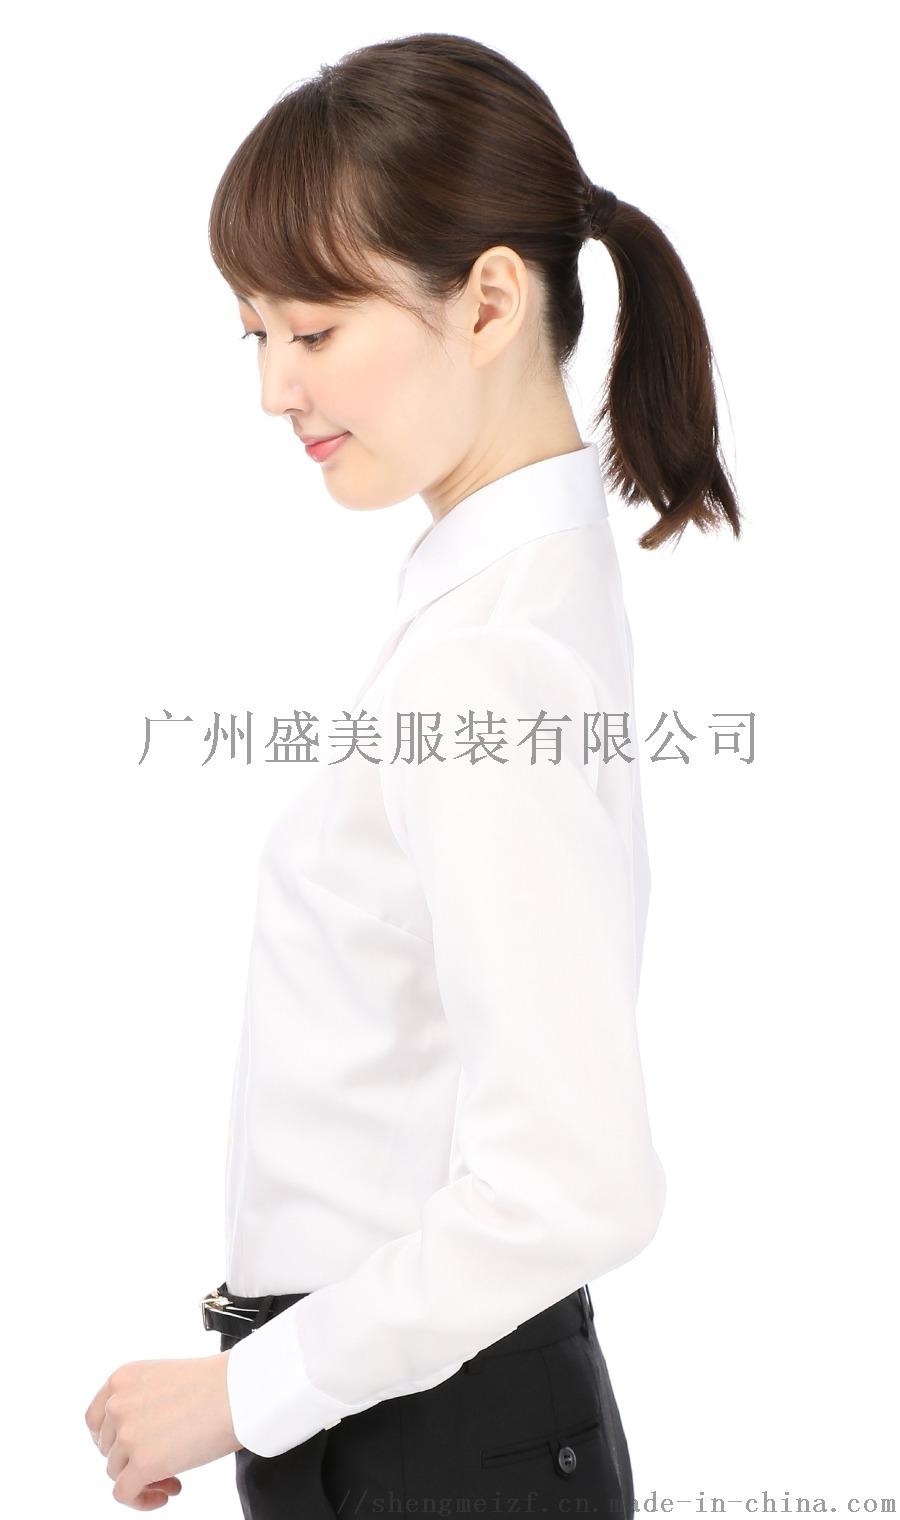 番禺区衬衫定做,钟村员工衬衣定制,绣字衬衫订做765073802